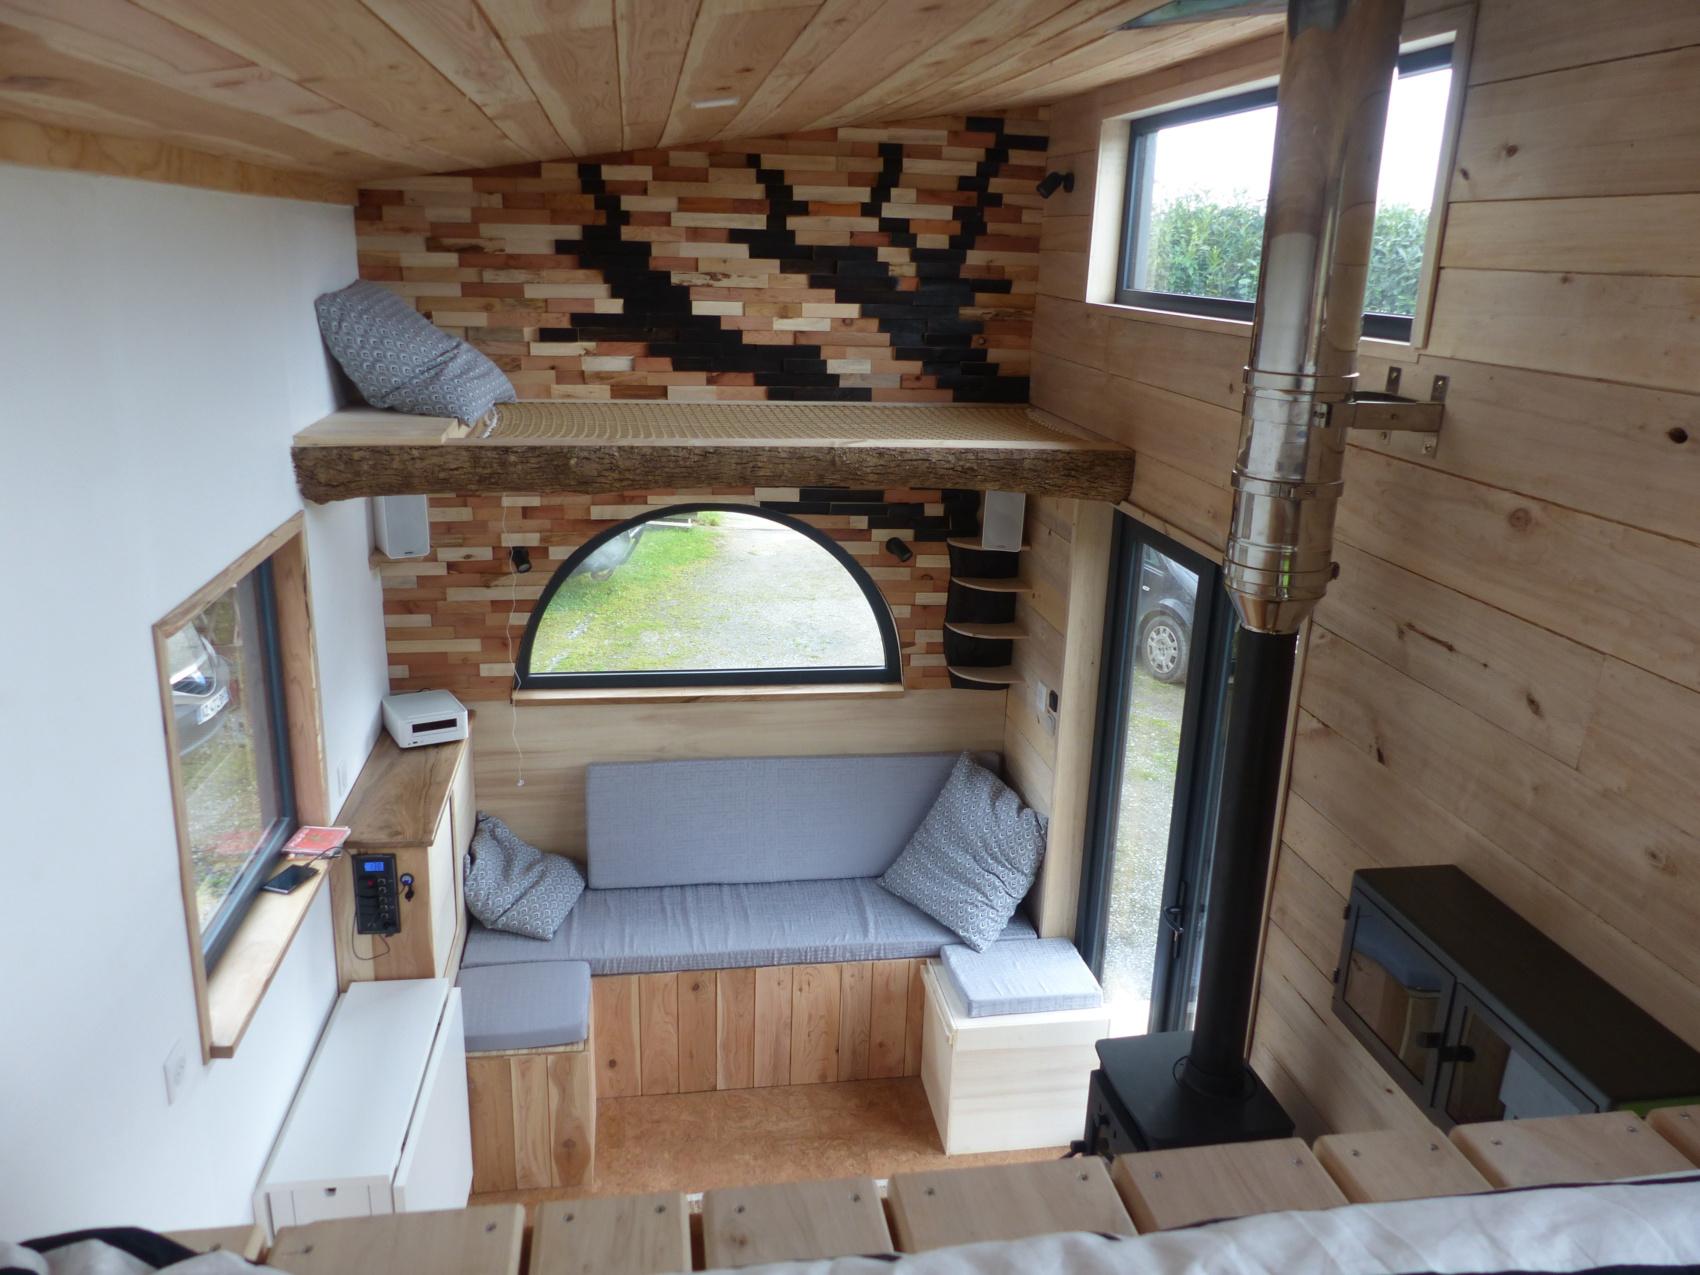 tiny house autonome avec imposte, ouverture en aluminium double vitrage en demi-lune, couchage d'appoint en hauteur, couchage double